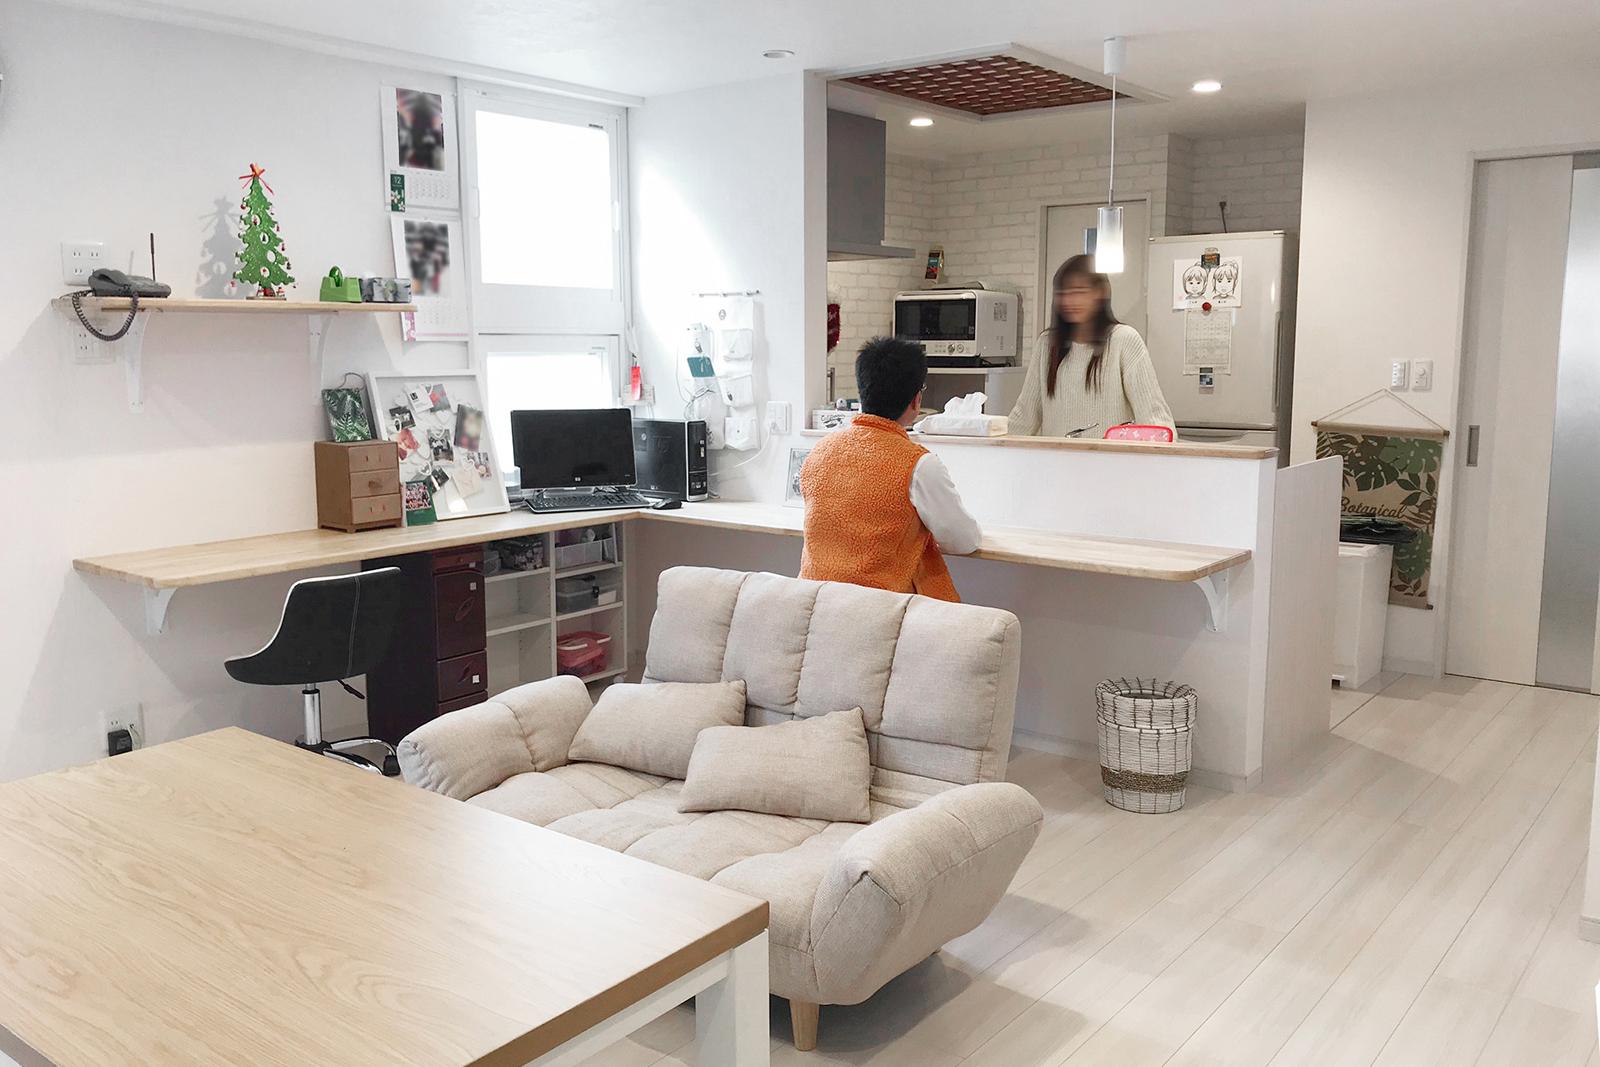 中古アパート2軒分を1世帯用に繋げ、広い4LDKの新しい空間となりました。